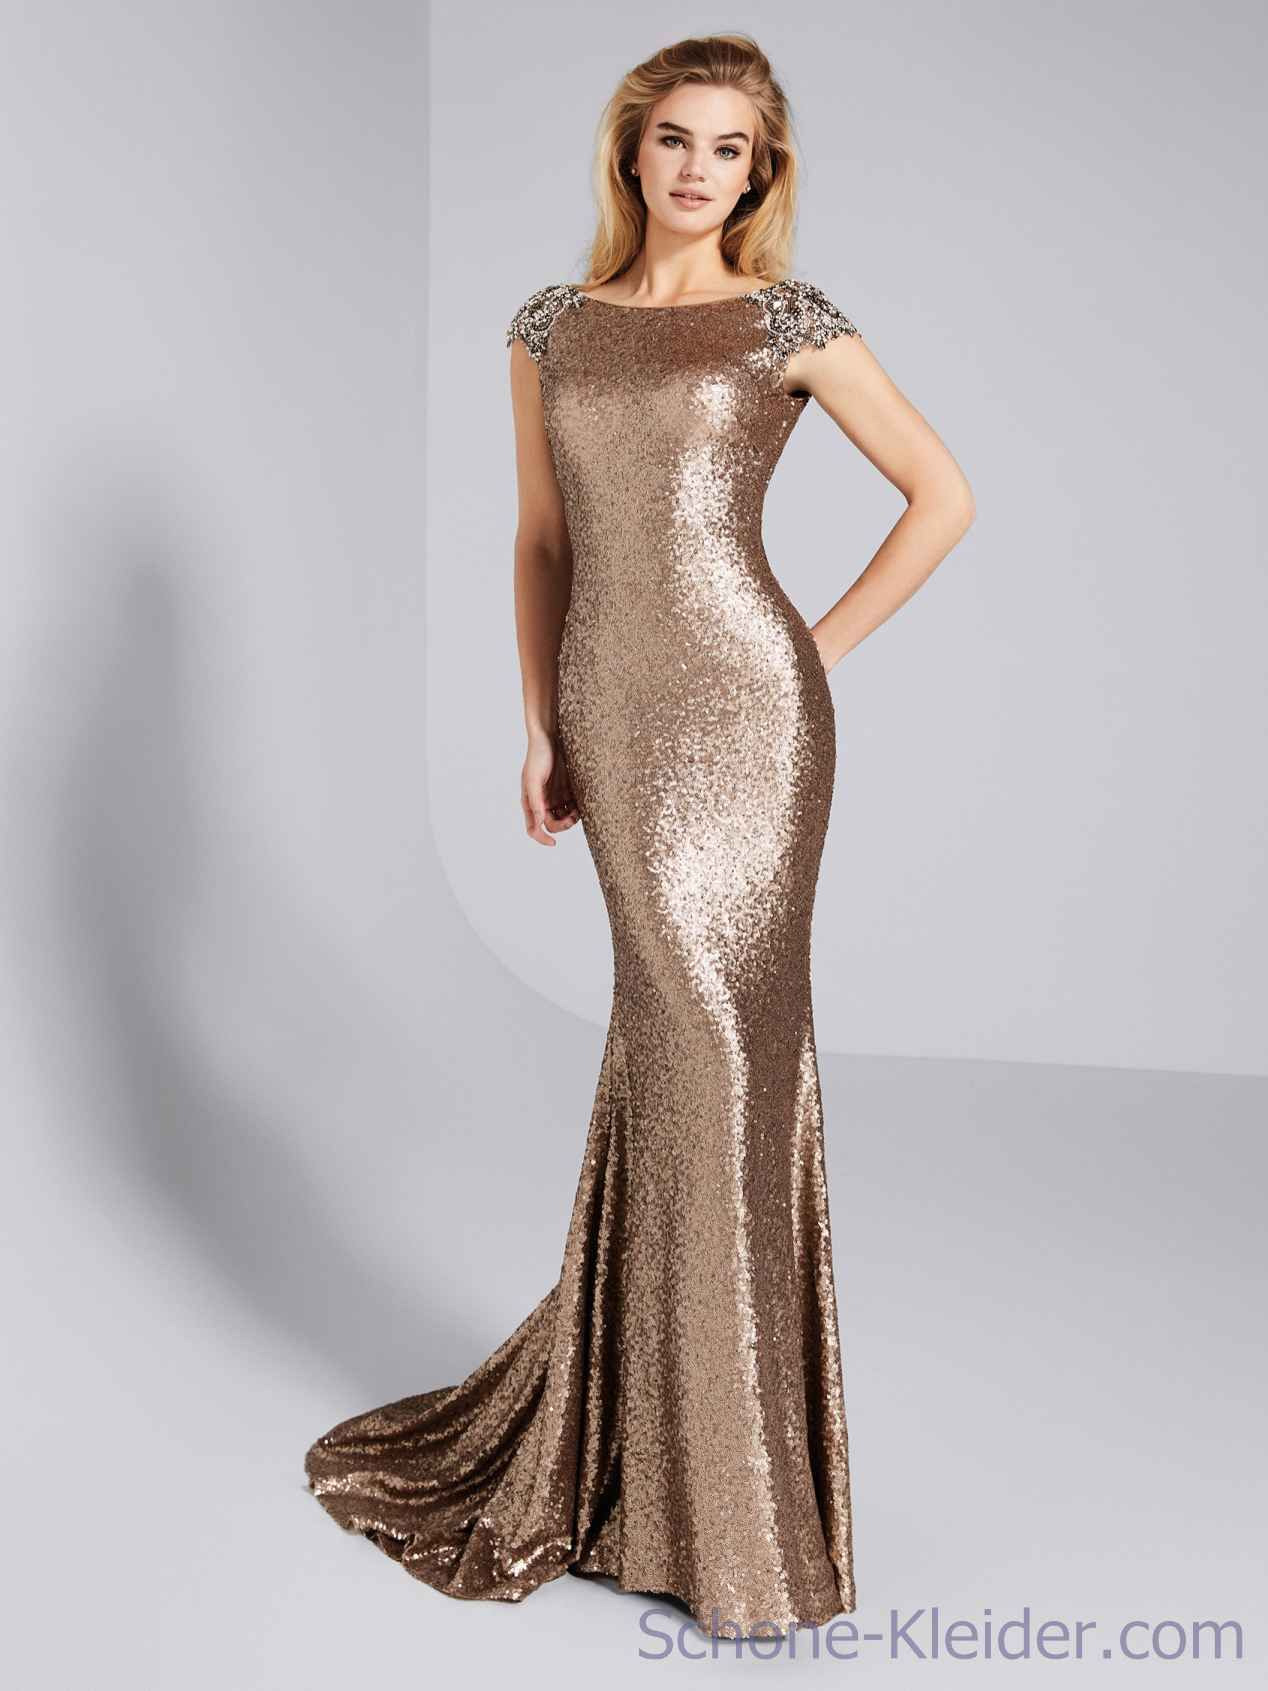 15 Schön Xscape Abendkleid für 2019Abend Elegant Xscape Abendkleid Spezialgebiet